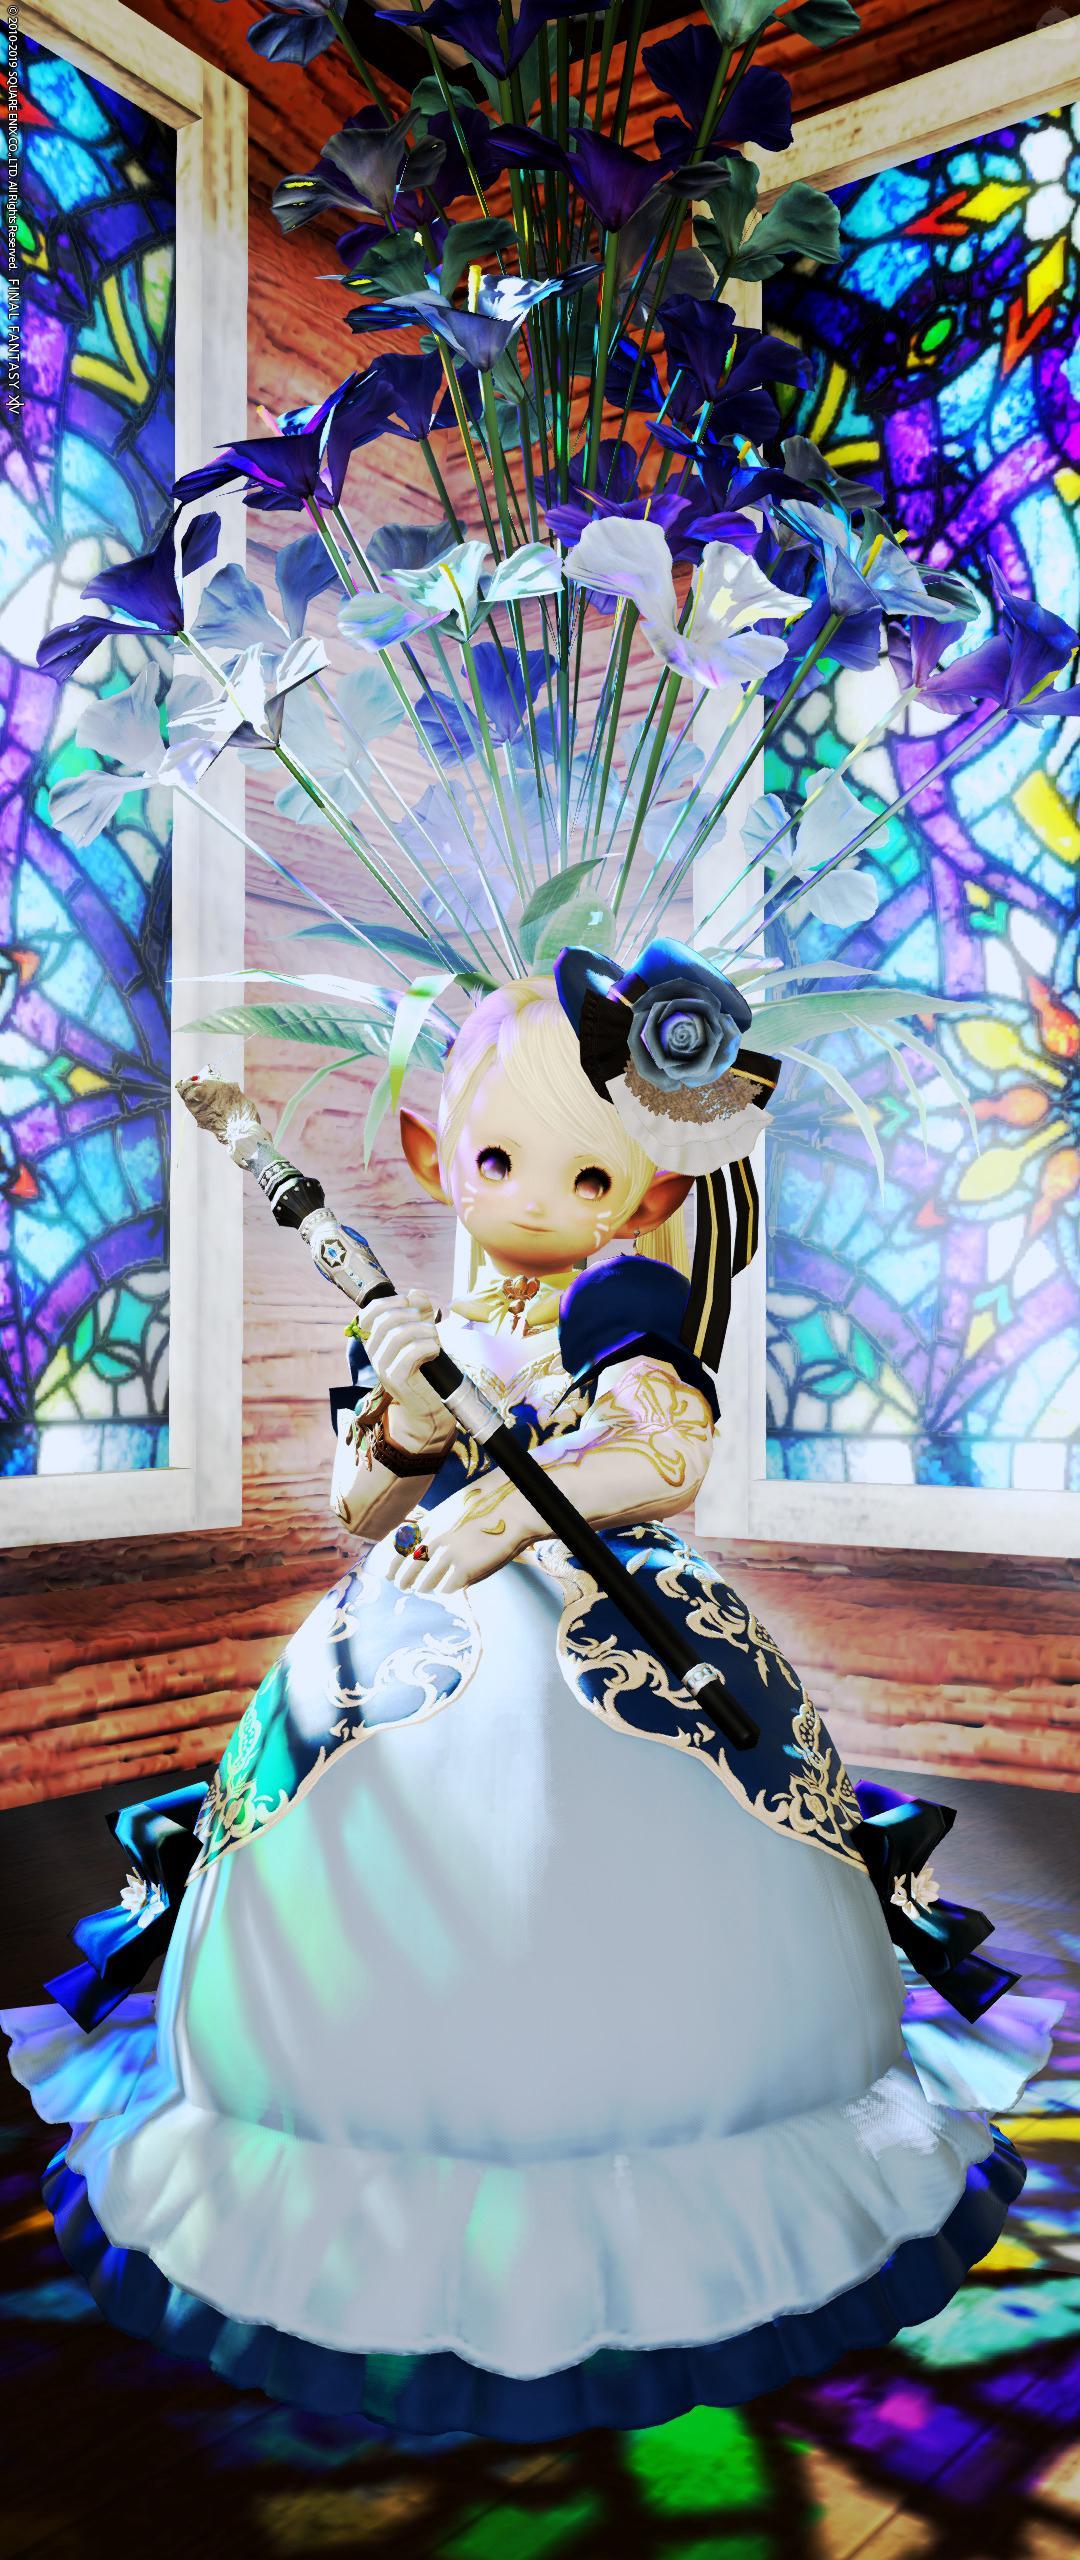 ちびっこ青姫